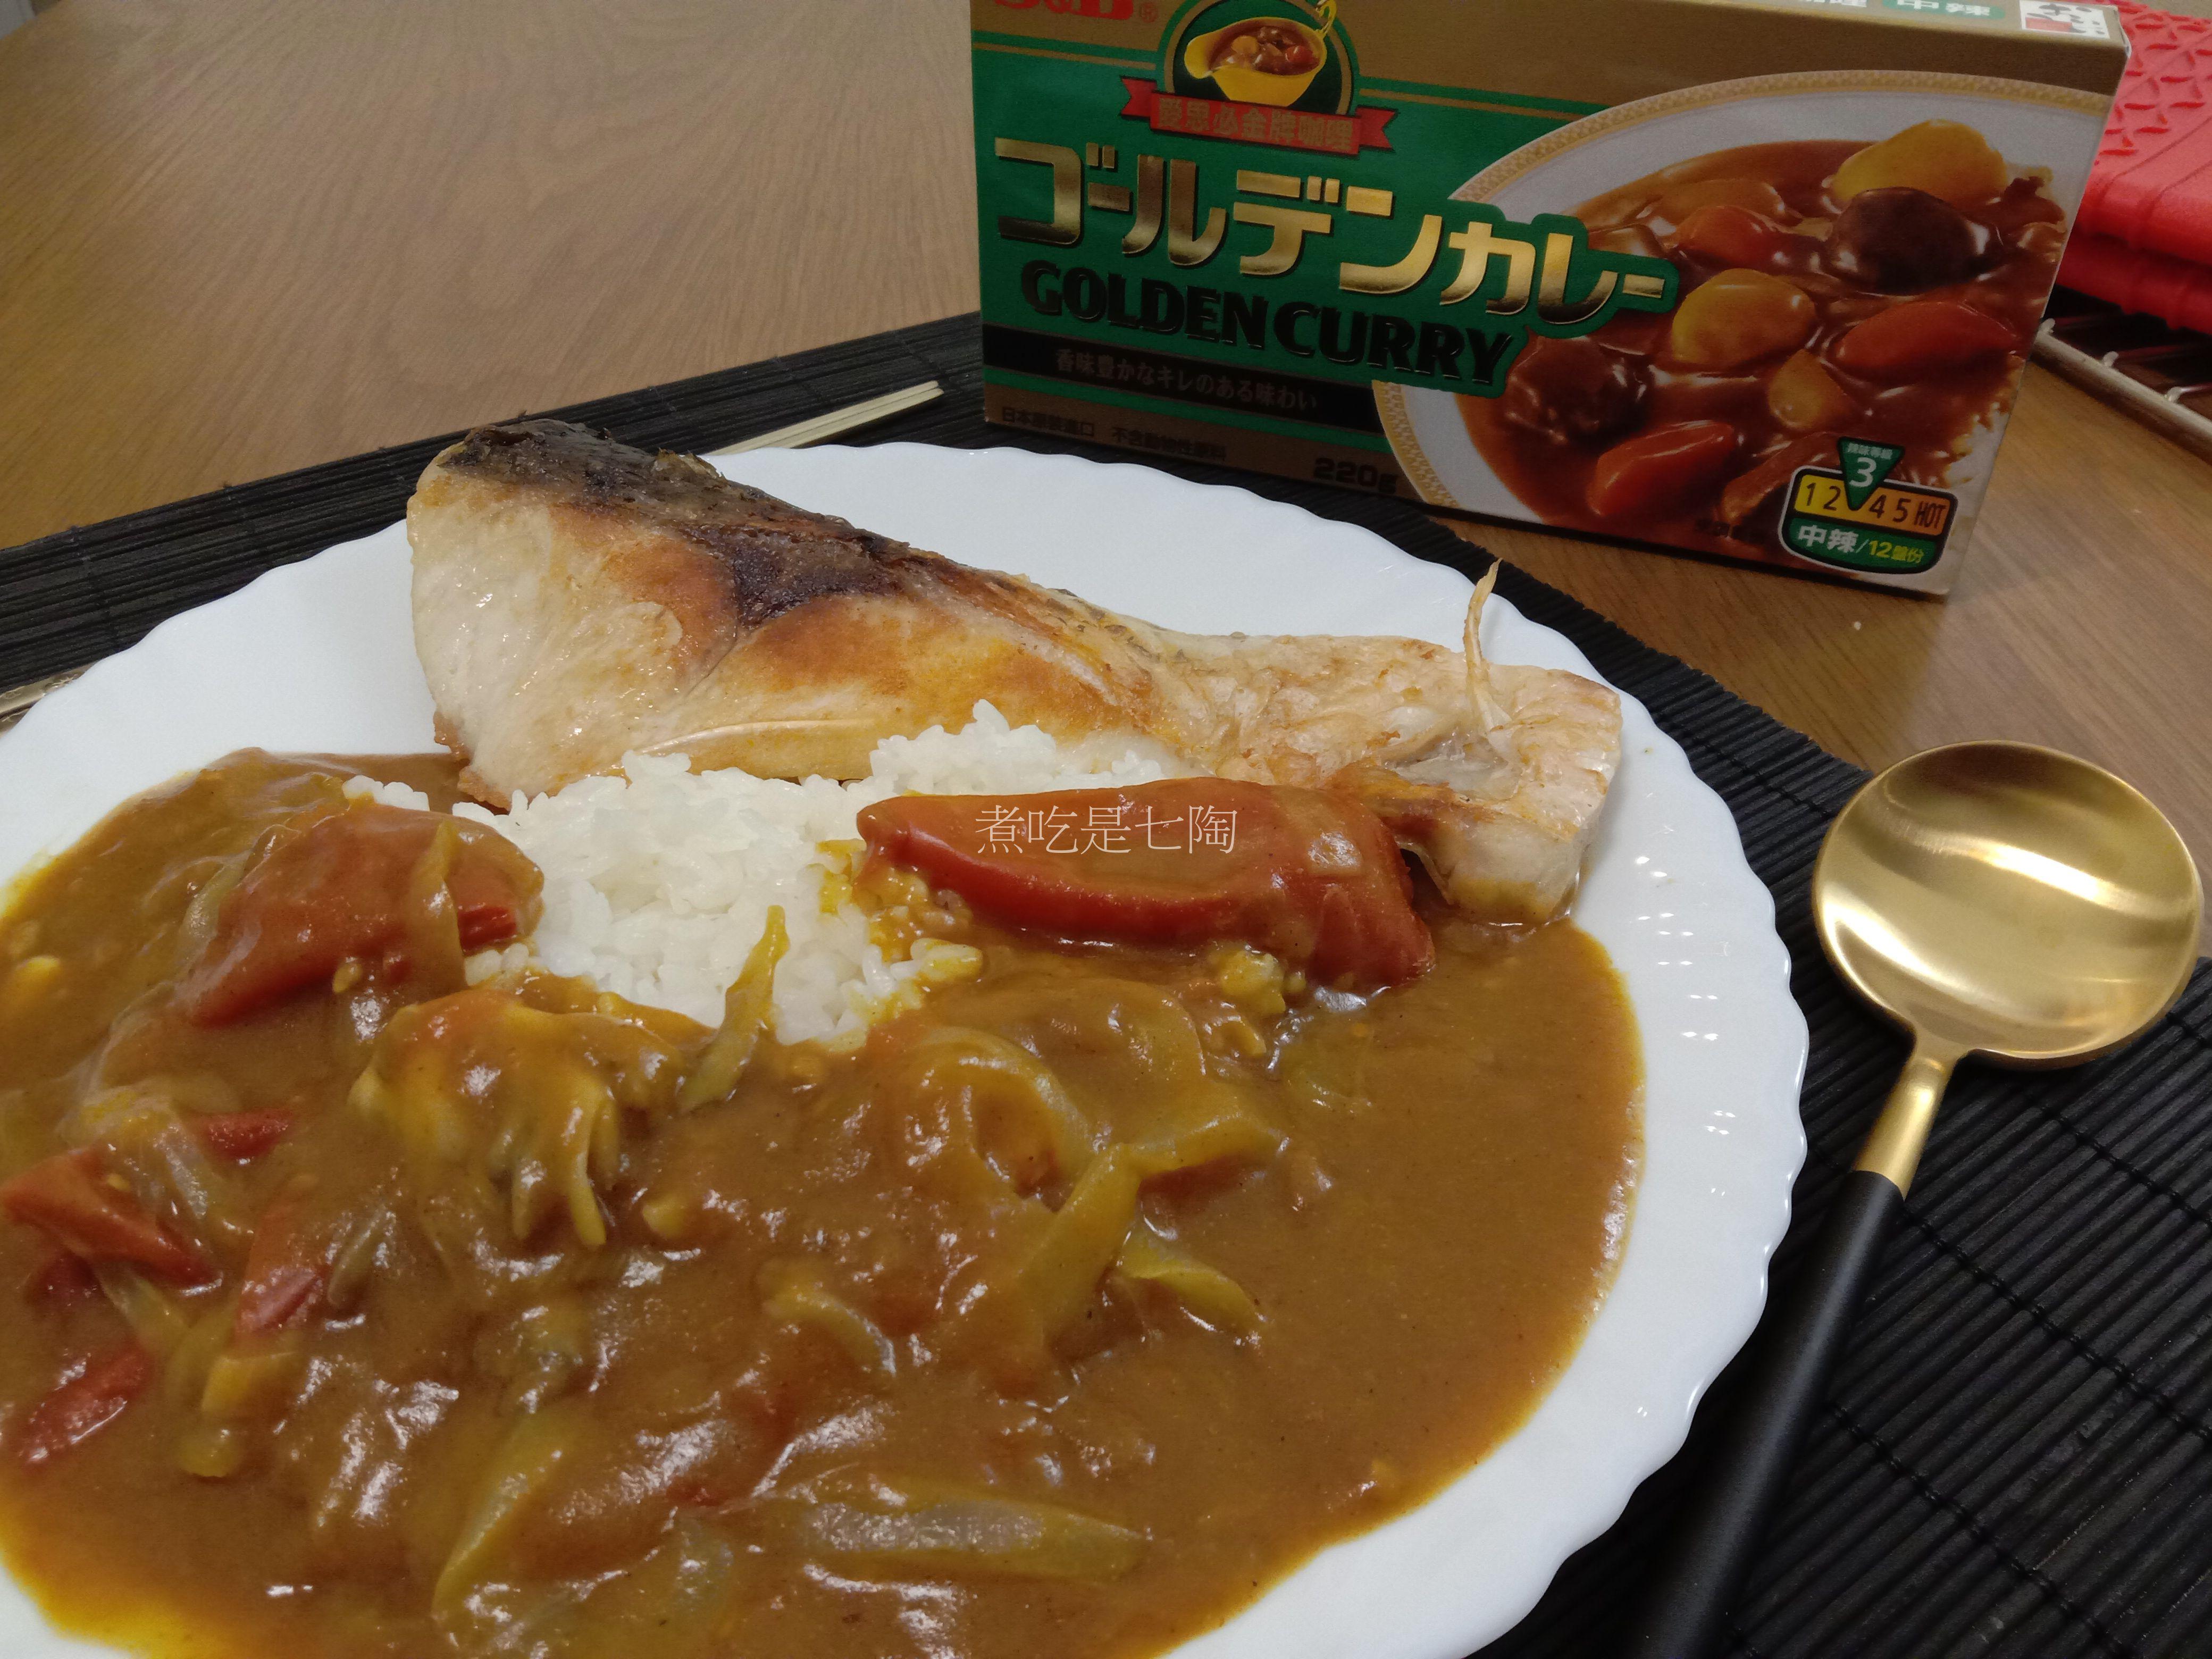 一鍋咖哩、一碗飯、一道菜、一盤水果、一杯湯,滿足~的第 5 張圖片